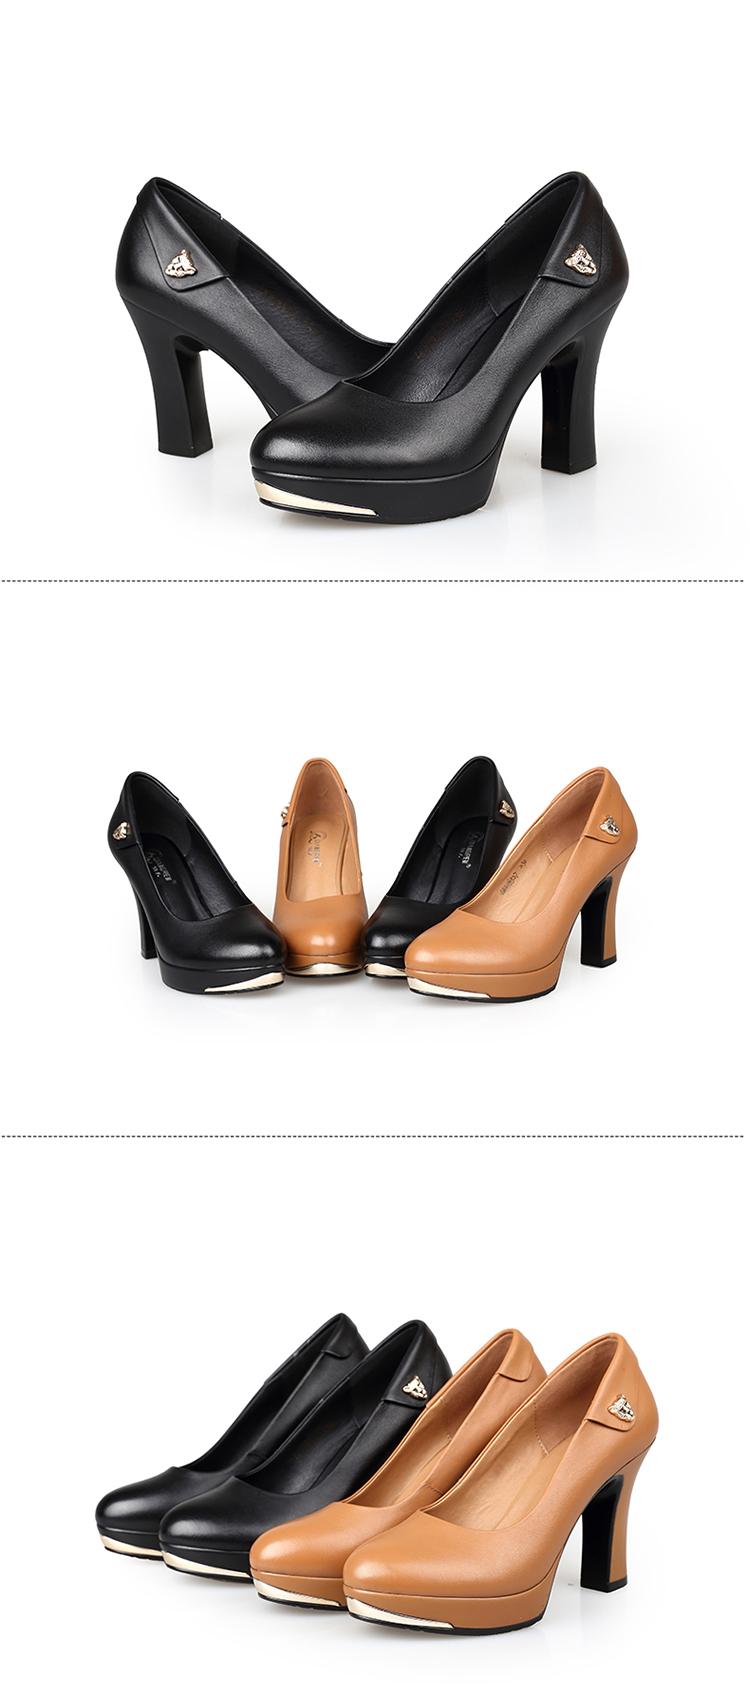 3515强人女鞋2014年春季新款女单写真皮女高跟鞋欧美